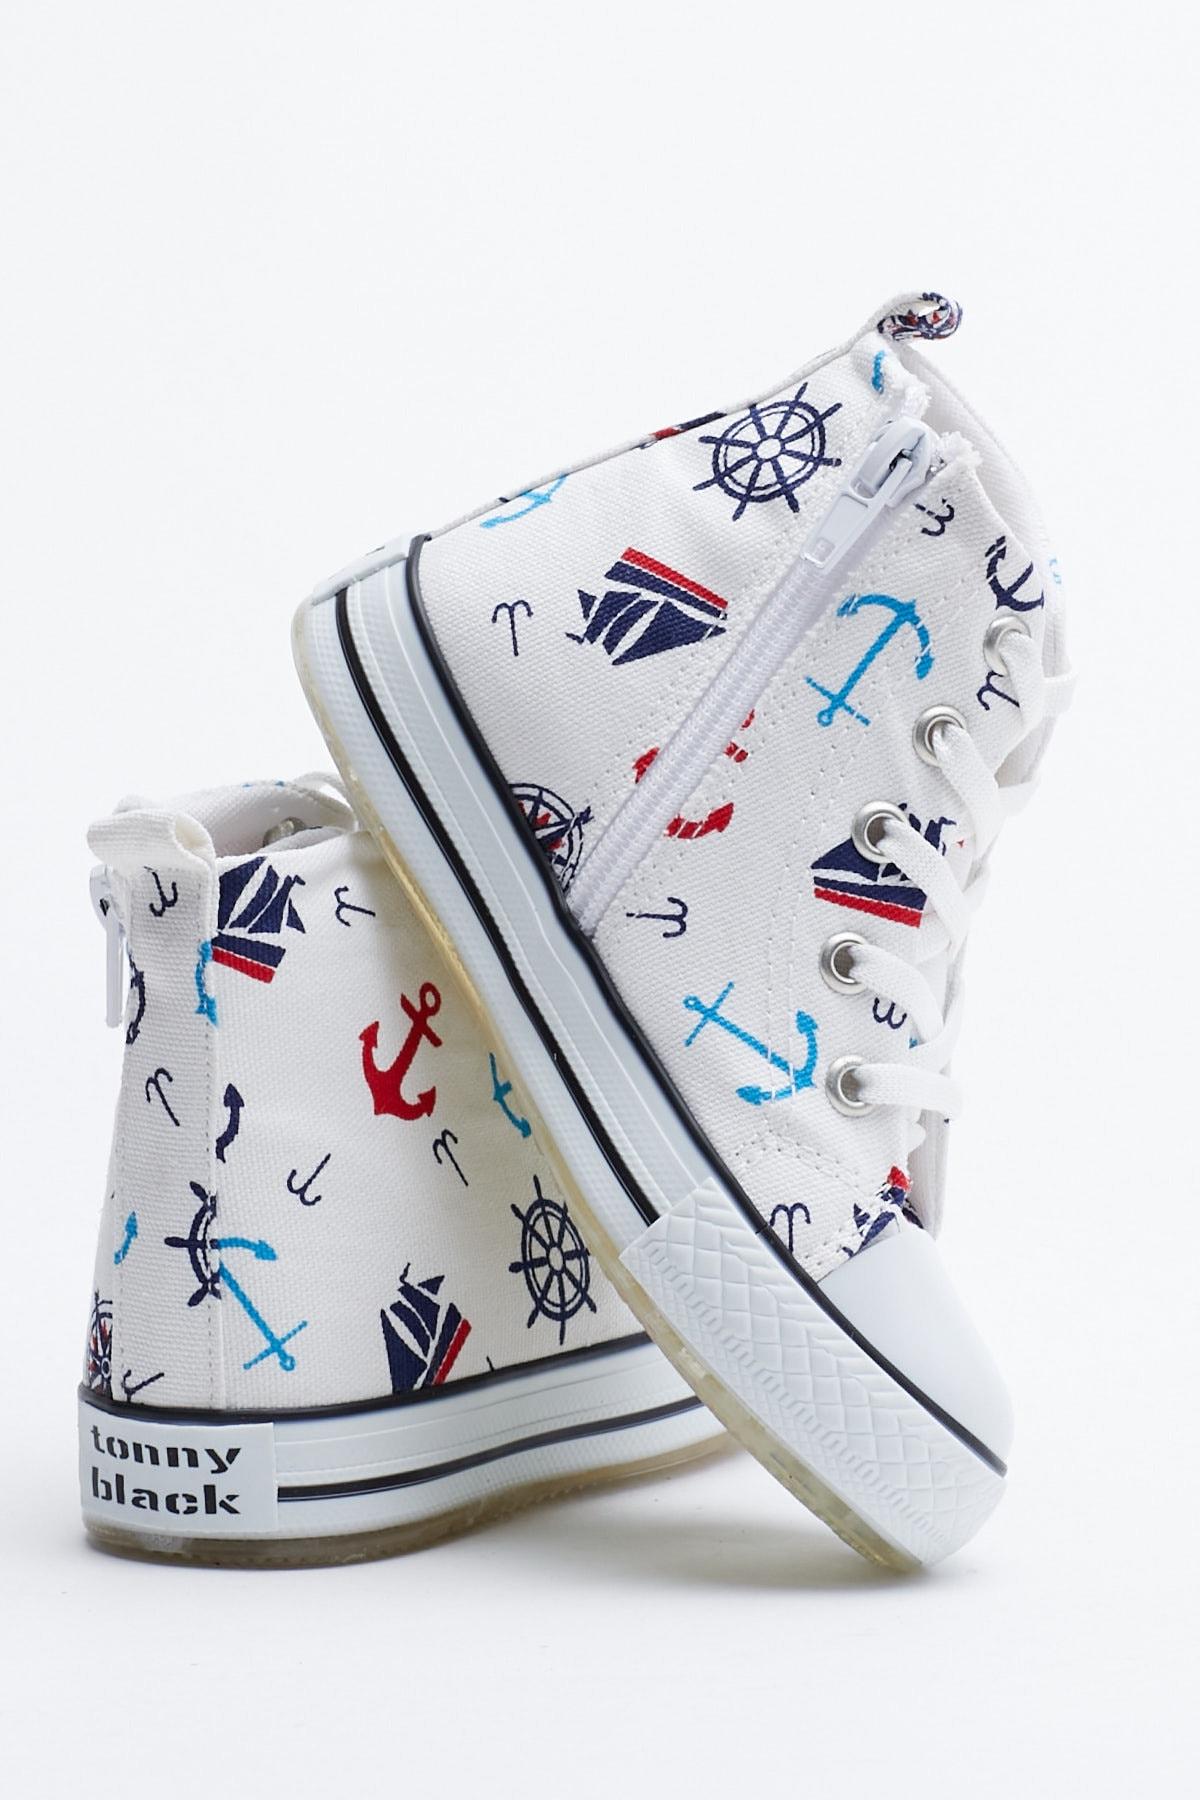 Tonny Black Beyaz Lacivert Çocuk Spor Ayakkabı Uzun Tb999 2